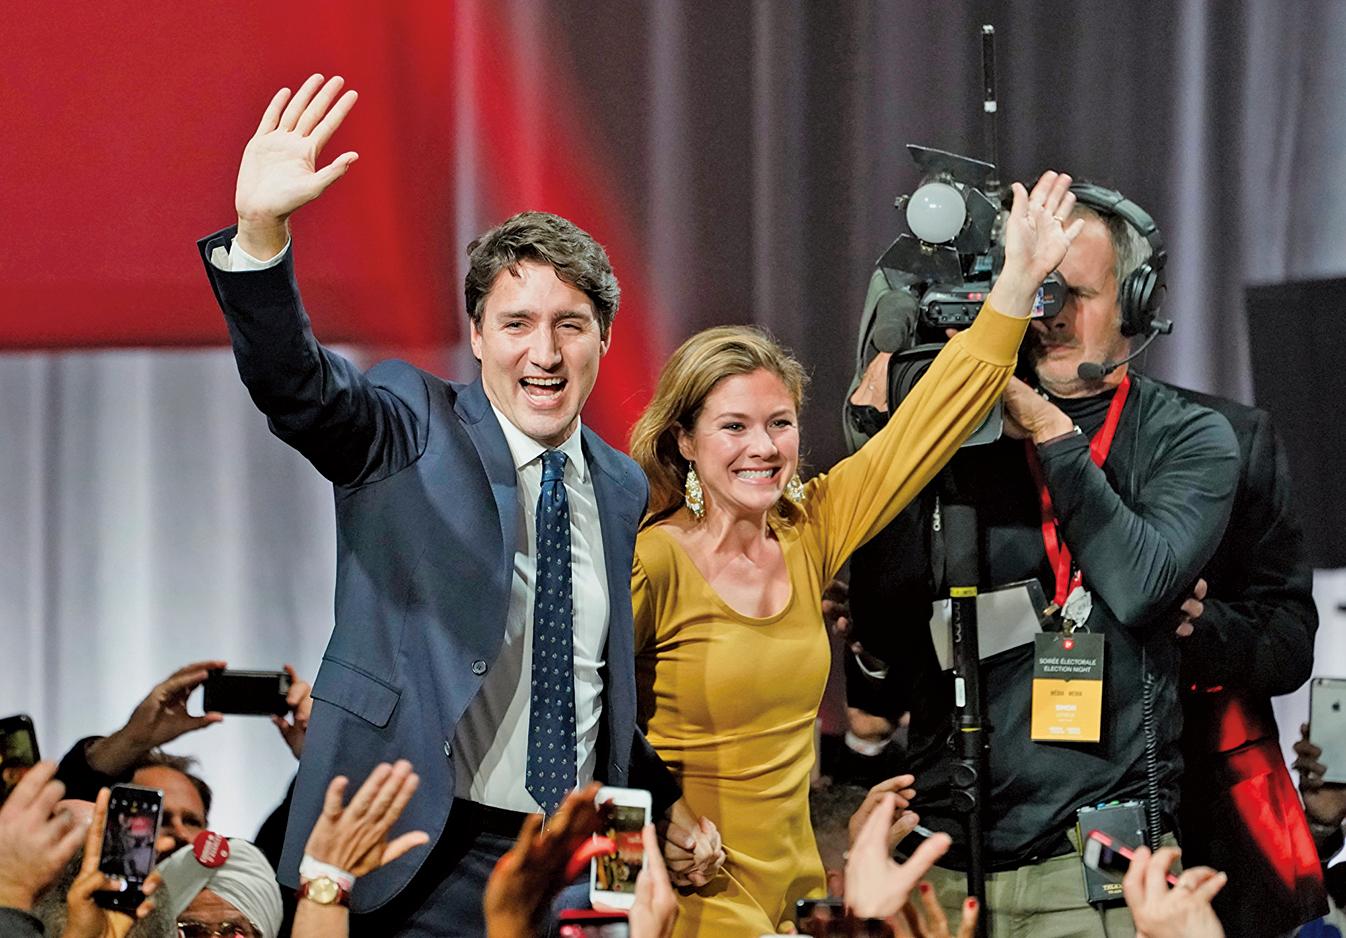 周二凌晨,自由黨領袖杜魯多和夫人索菲杜魯多在滿地可自由黨選舉總部,向支持者揮手致謝。(加通社)